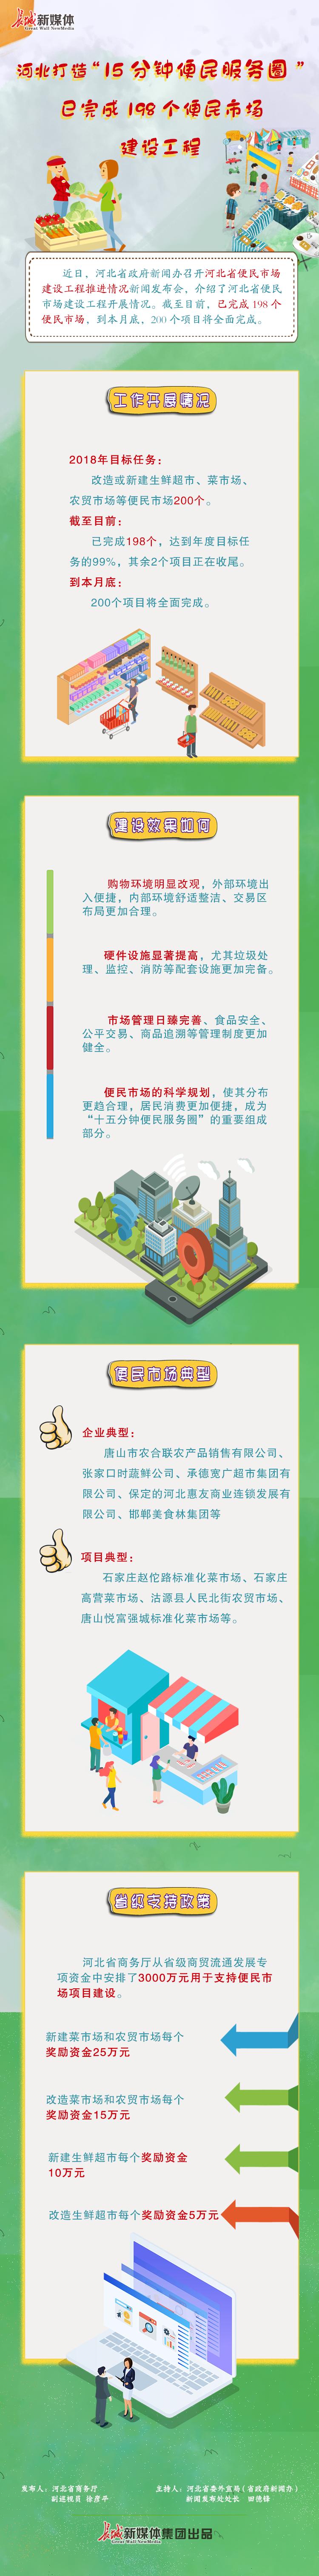 """【图解】河北打造""""15分钟便民服务圈""""已完成198个便民市场建设工程"""